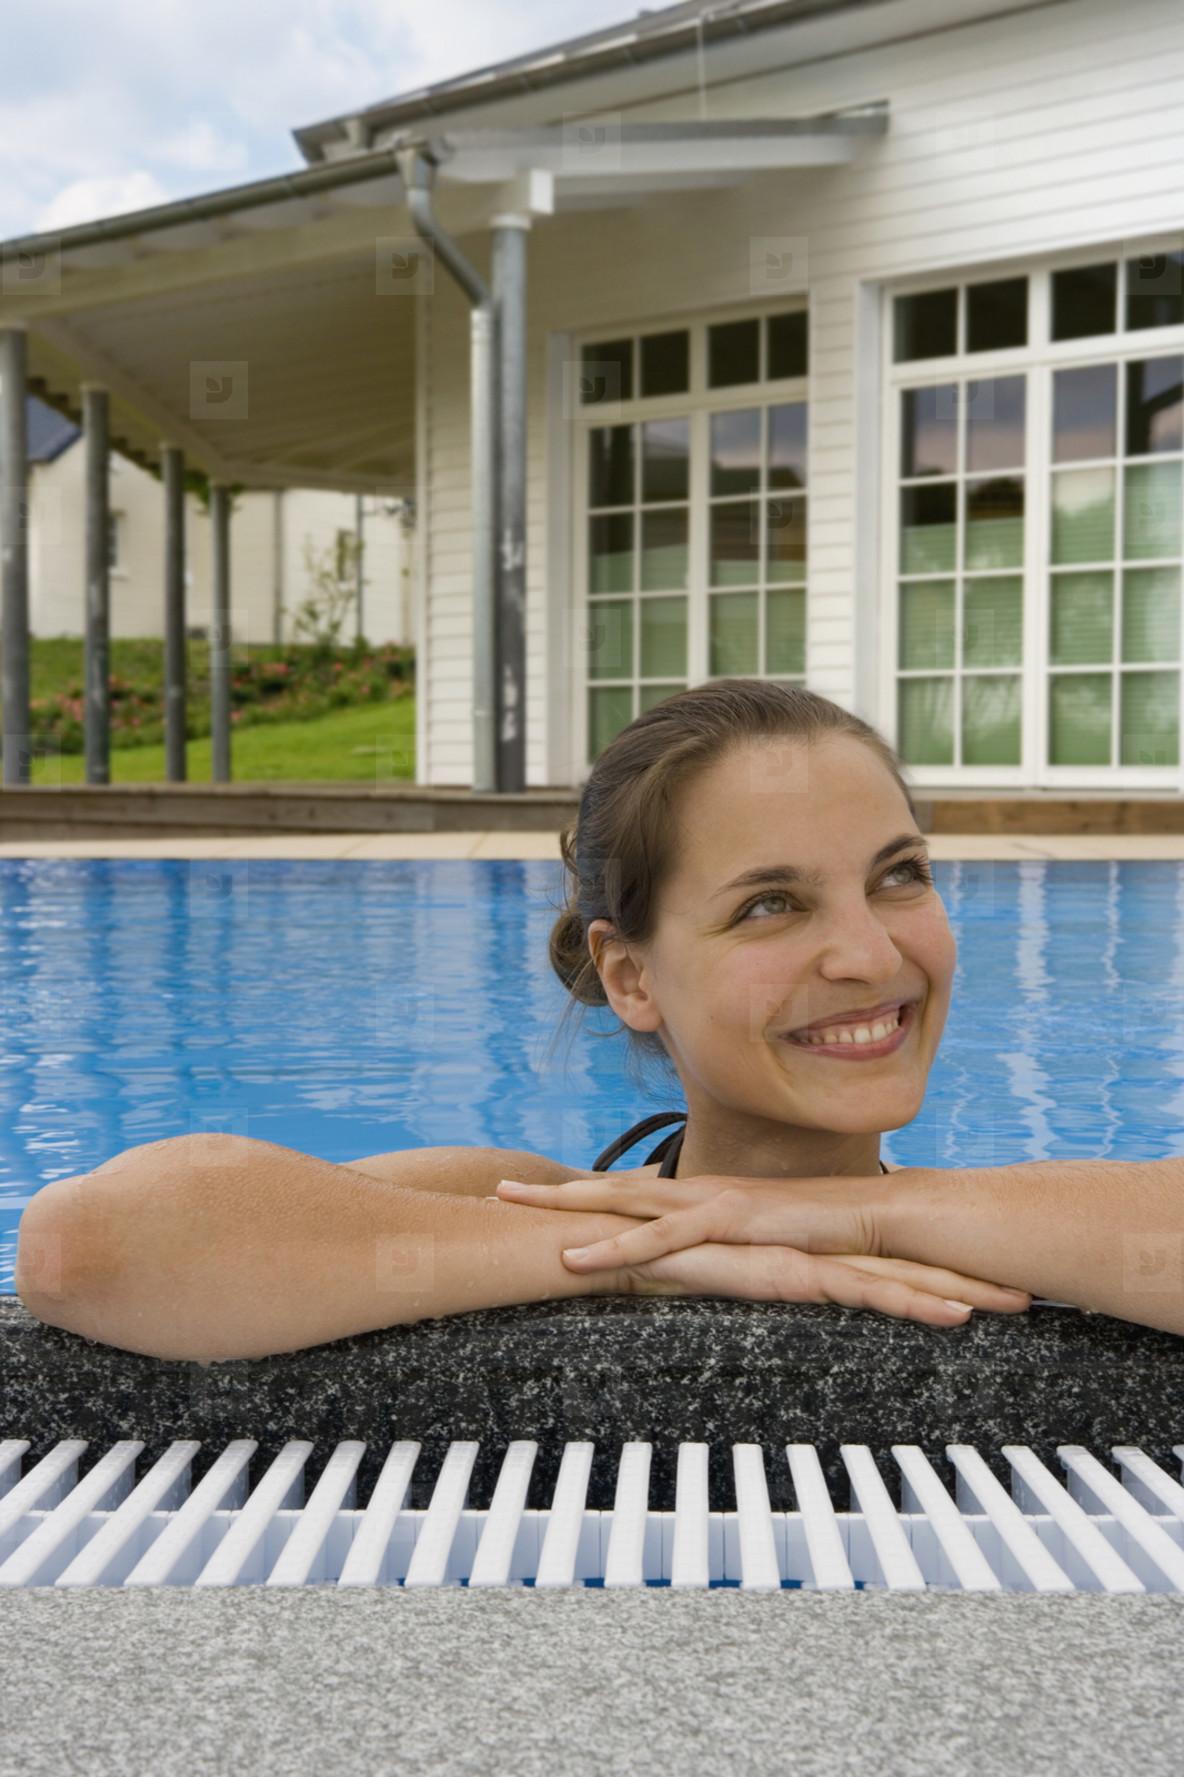 Poolside Holidays  22